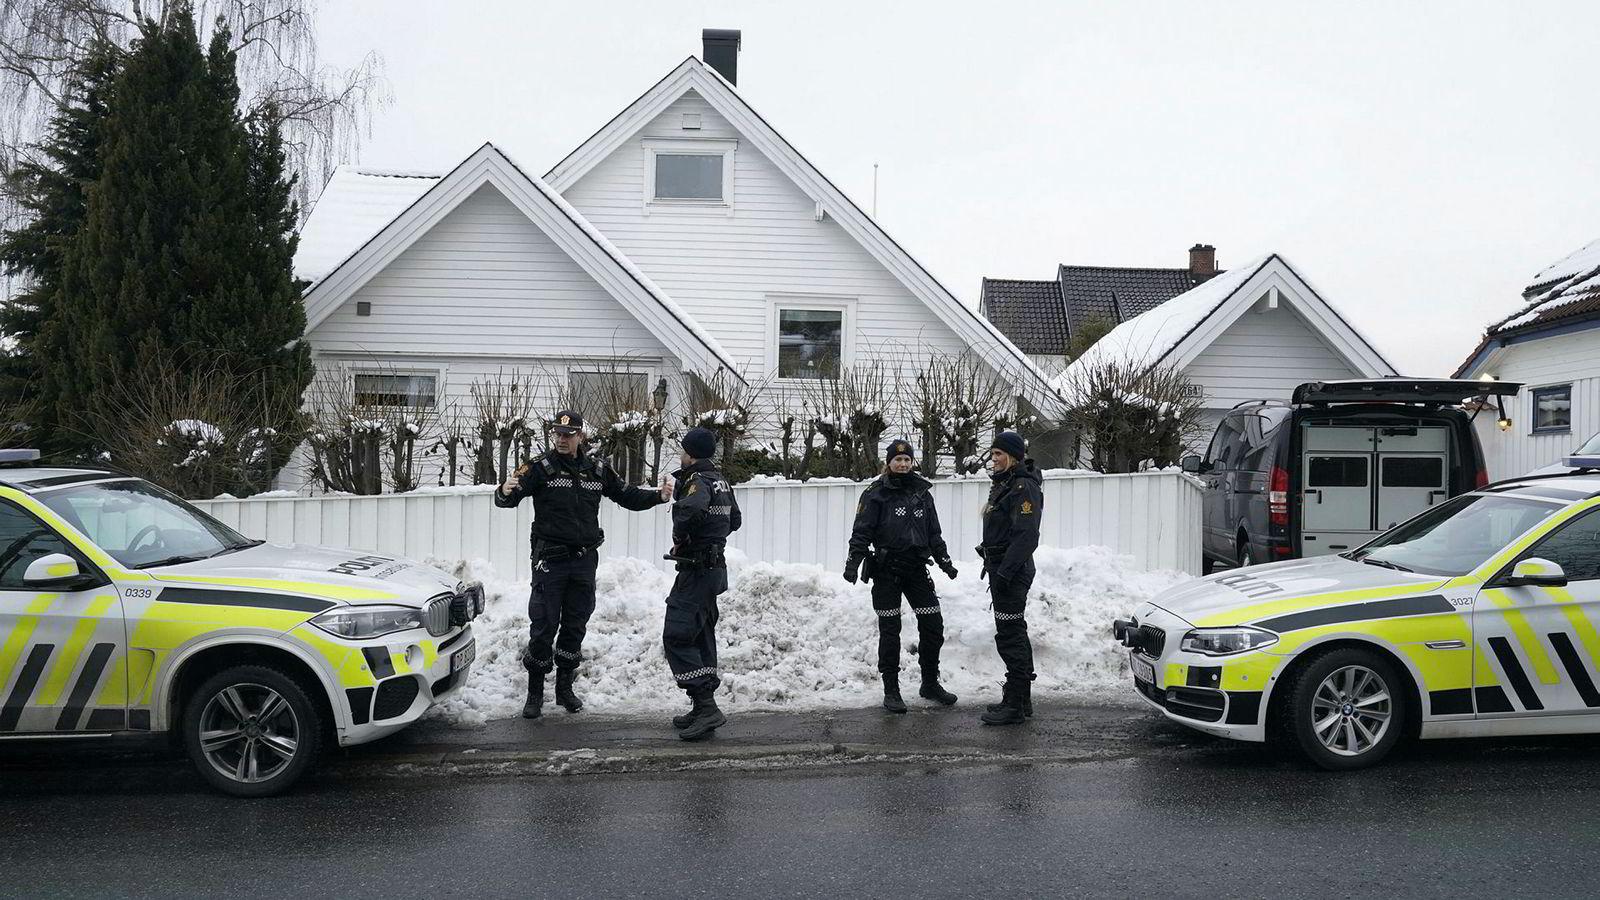 Oslo 20190314. Politifolk jobber torsdag ettermiddag ved justisminister Tor Mikkel Waras bolig i Oslo. Foto: Heiko Junge / NTB scanpix ---